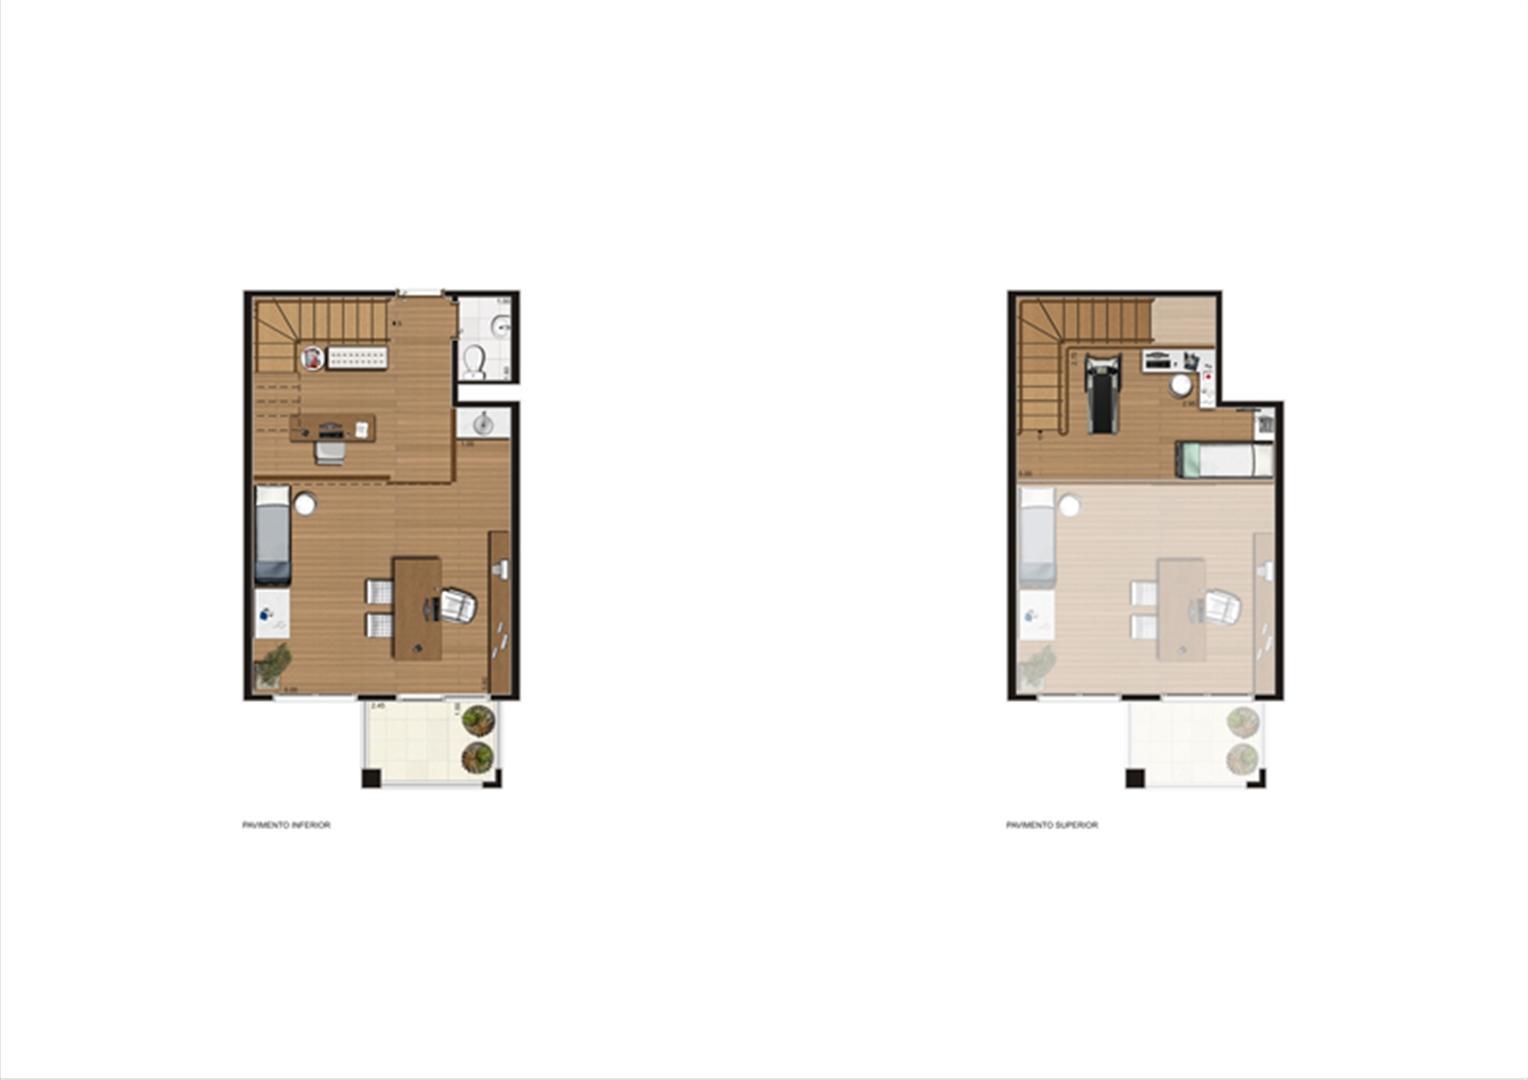 Duplex de 57 m² Final 5 | Luzes da Mooca - Atrio Giorno – Salas Comerciais na  Mooca - São Paulo - São Paulo